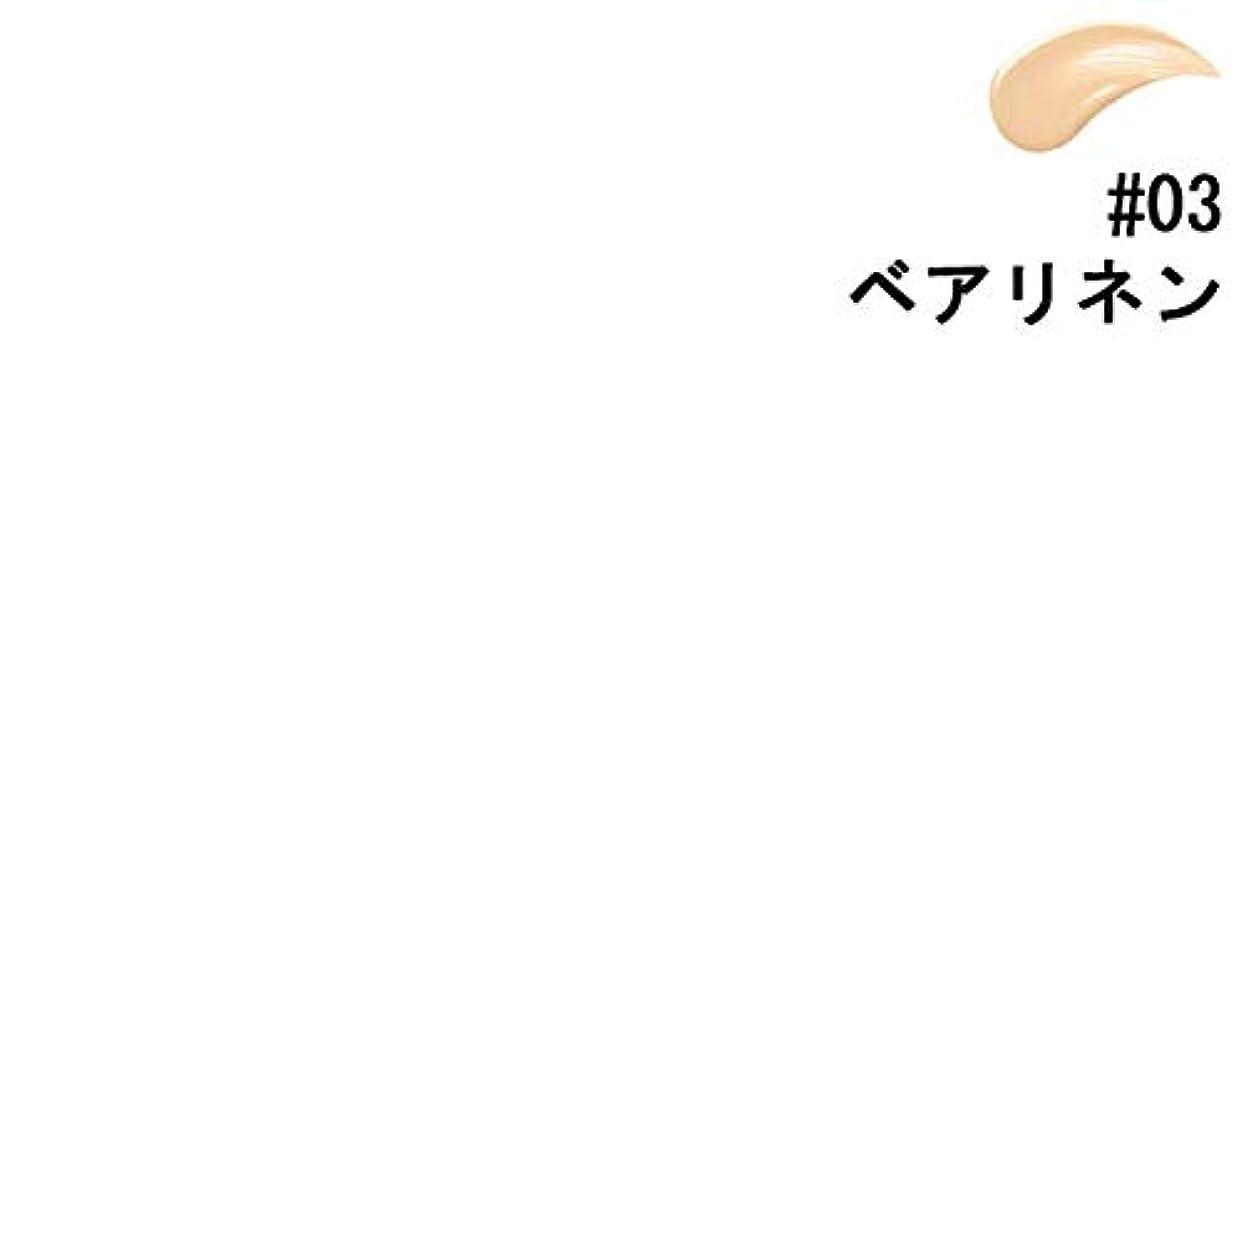 工場不健全要求【ベアミネラル】ベアミネラル ベア ファンデーション #03 ベアリネン 30ml [並行輸入品]